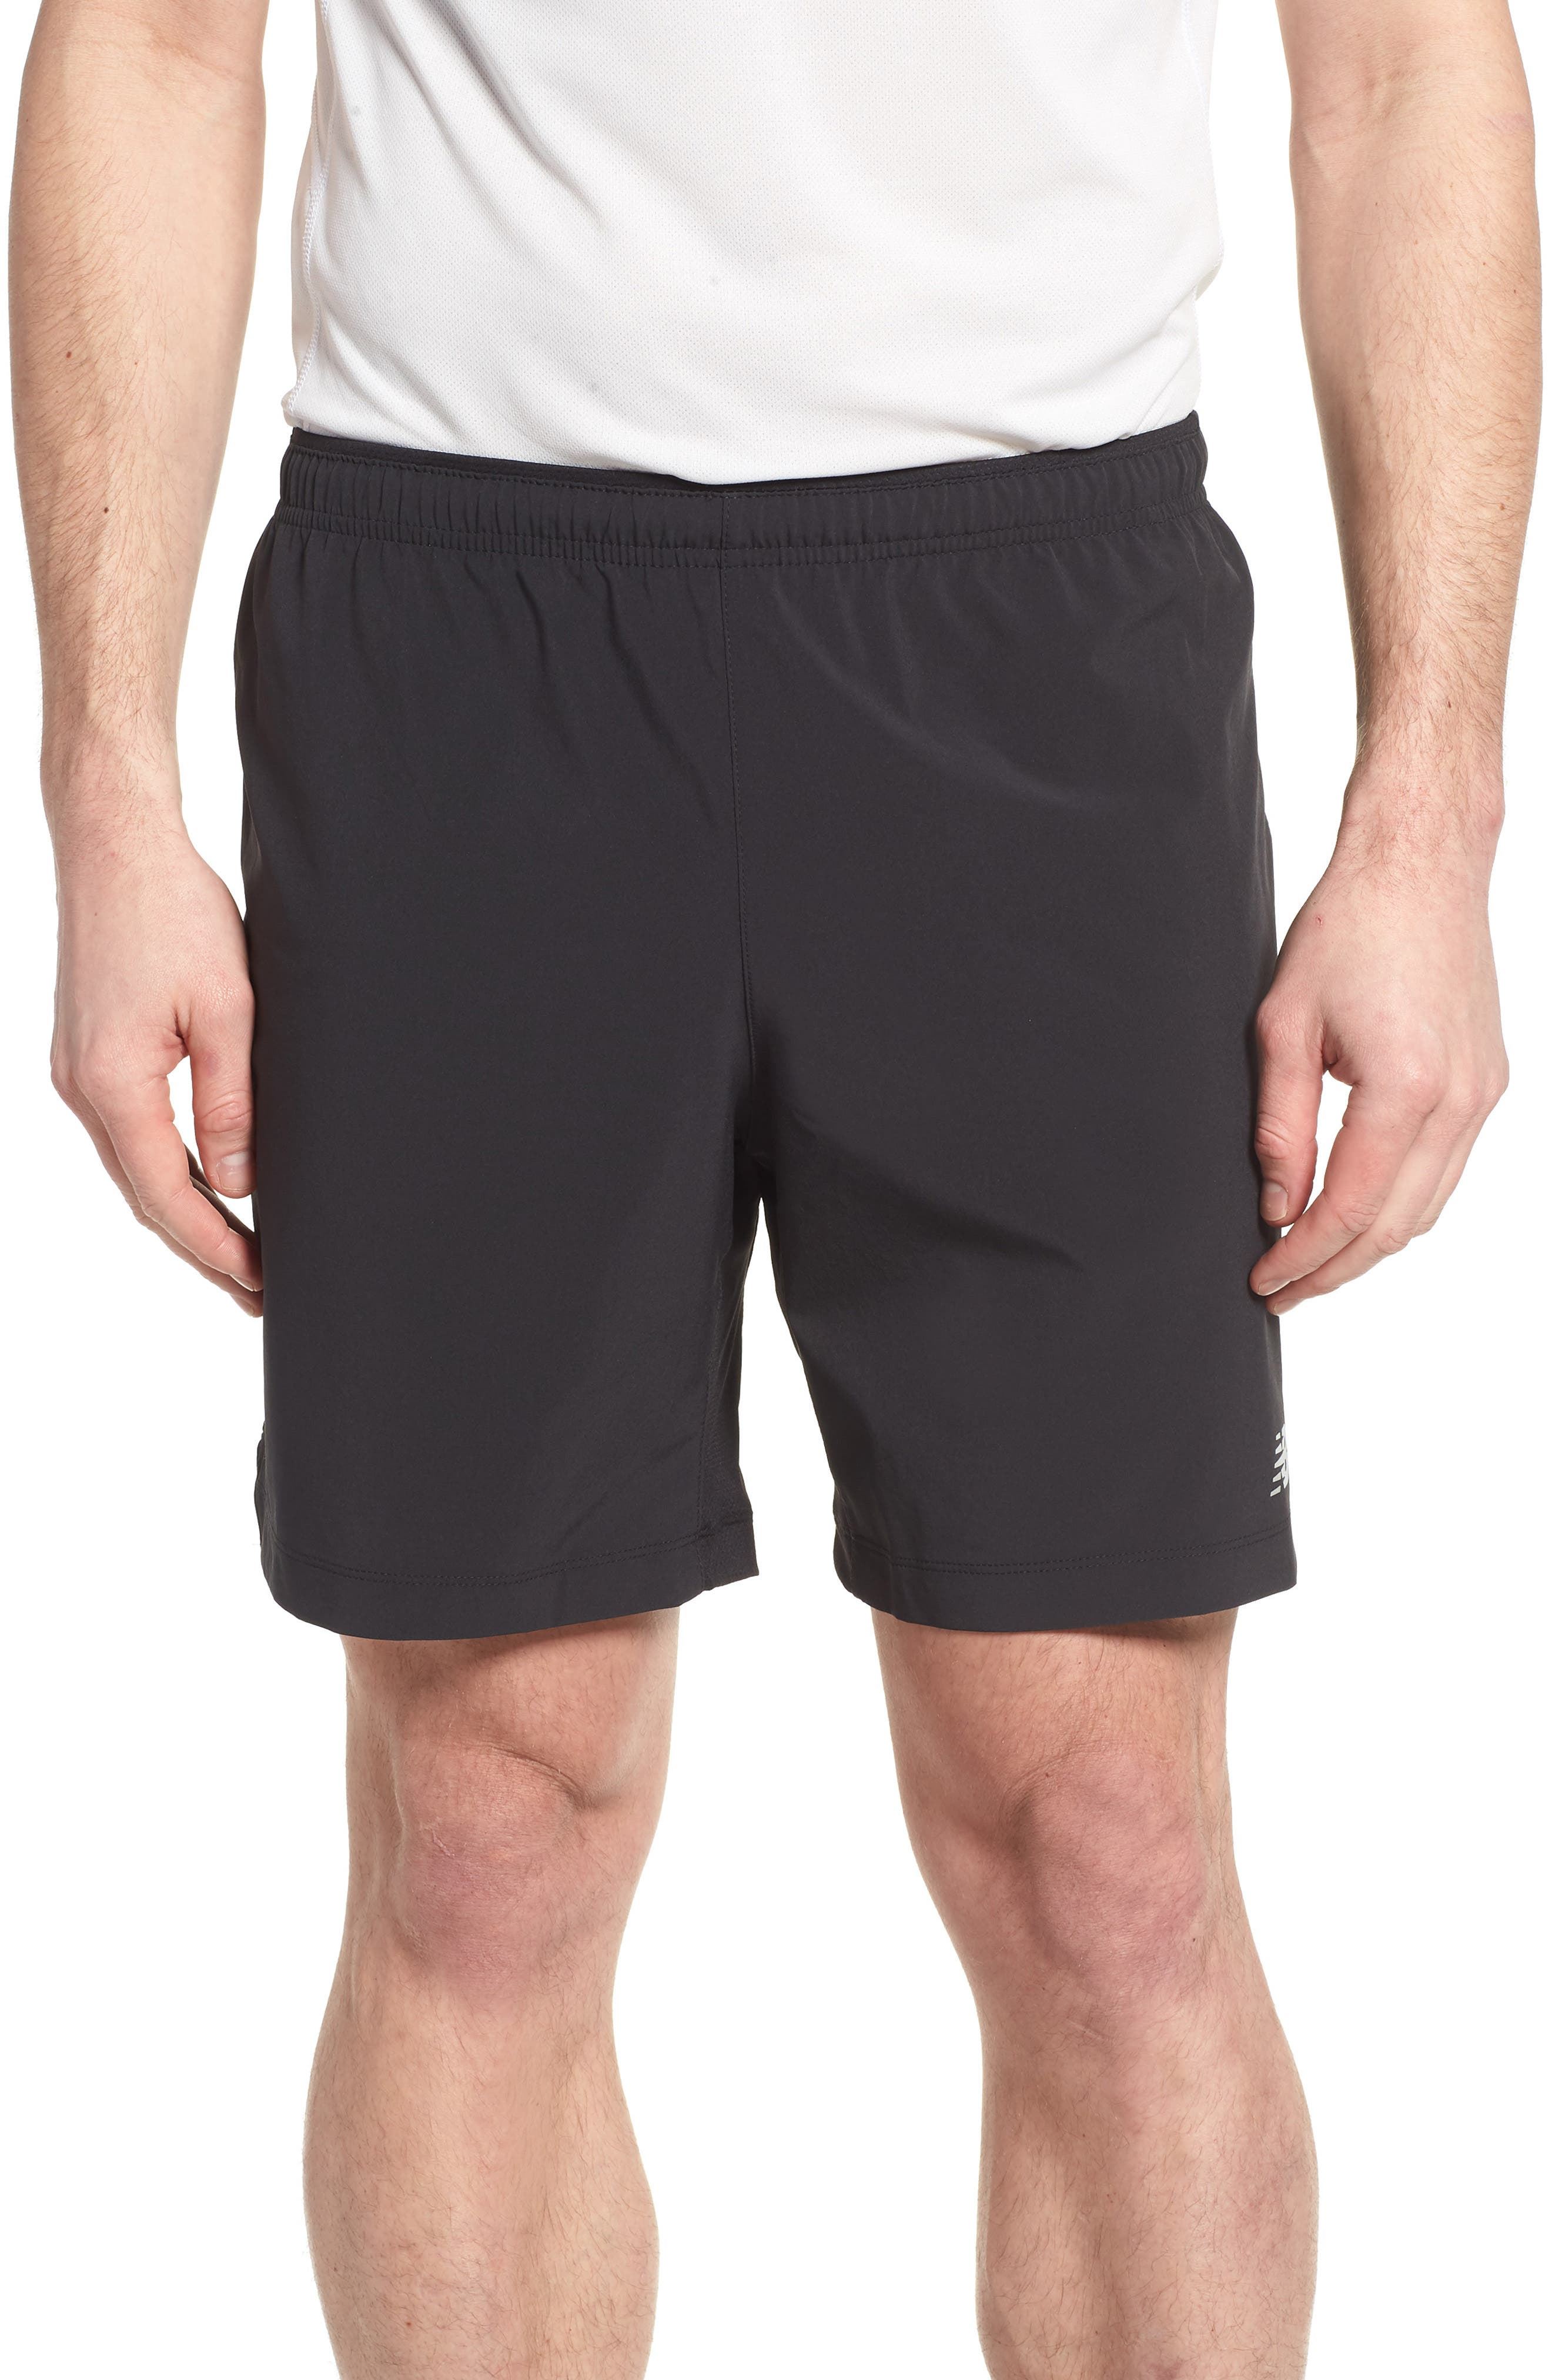 NEW BALANCE Impact Shorts, Main, color, BLACK